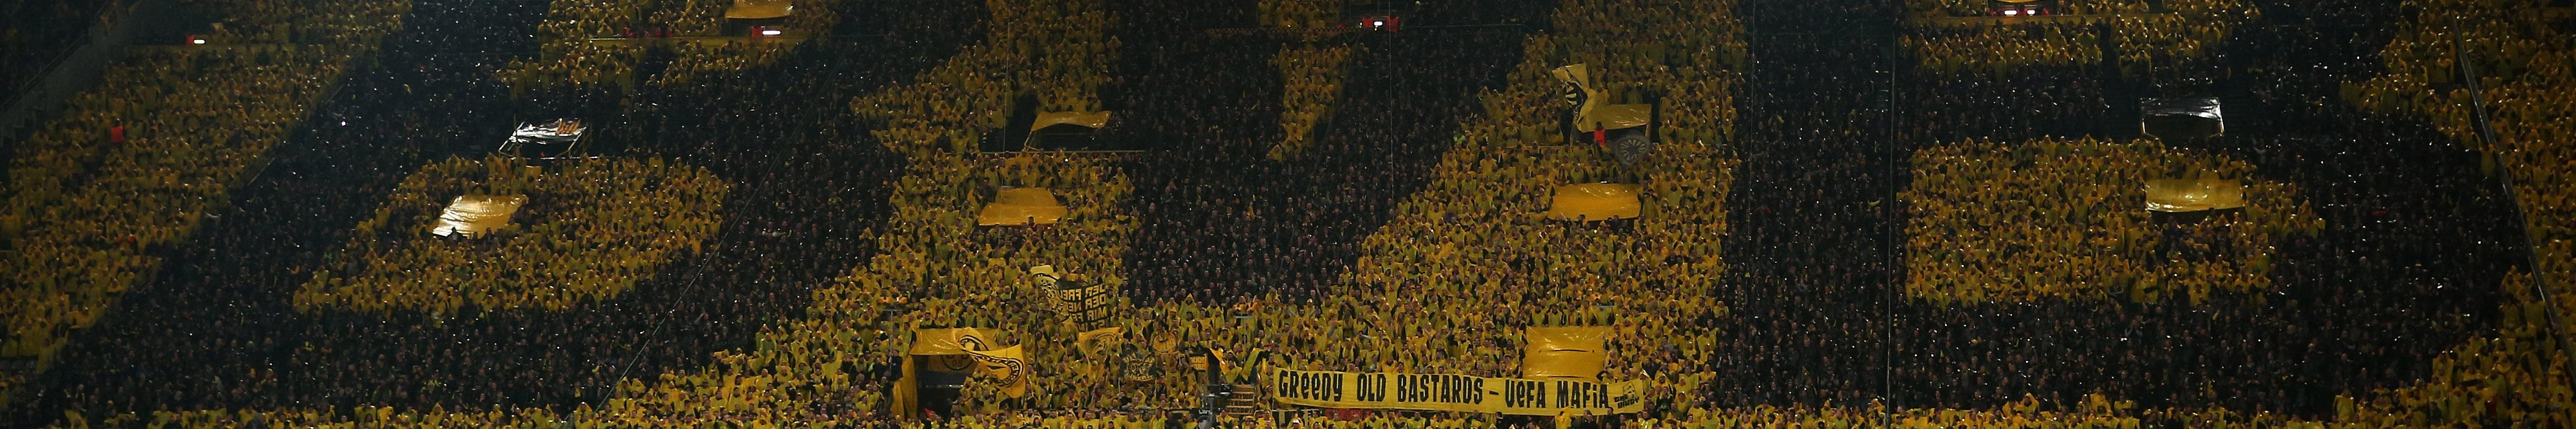 Dortmund, Anfield und Co. - Das sind Europas uneinnehmbare Fußball-Festungen